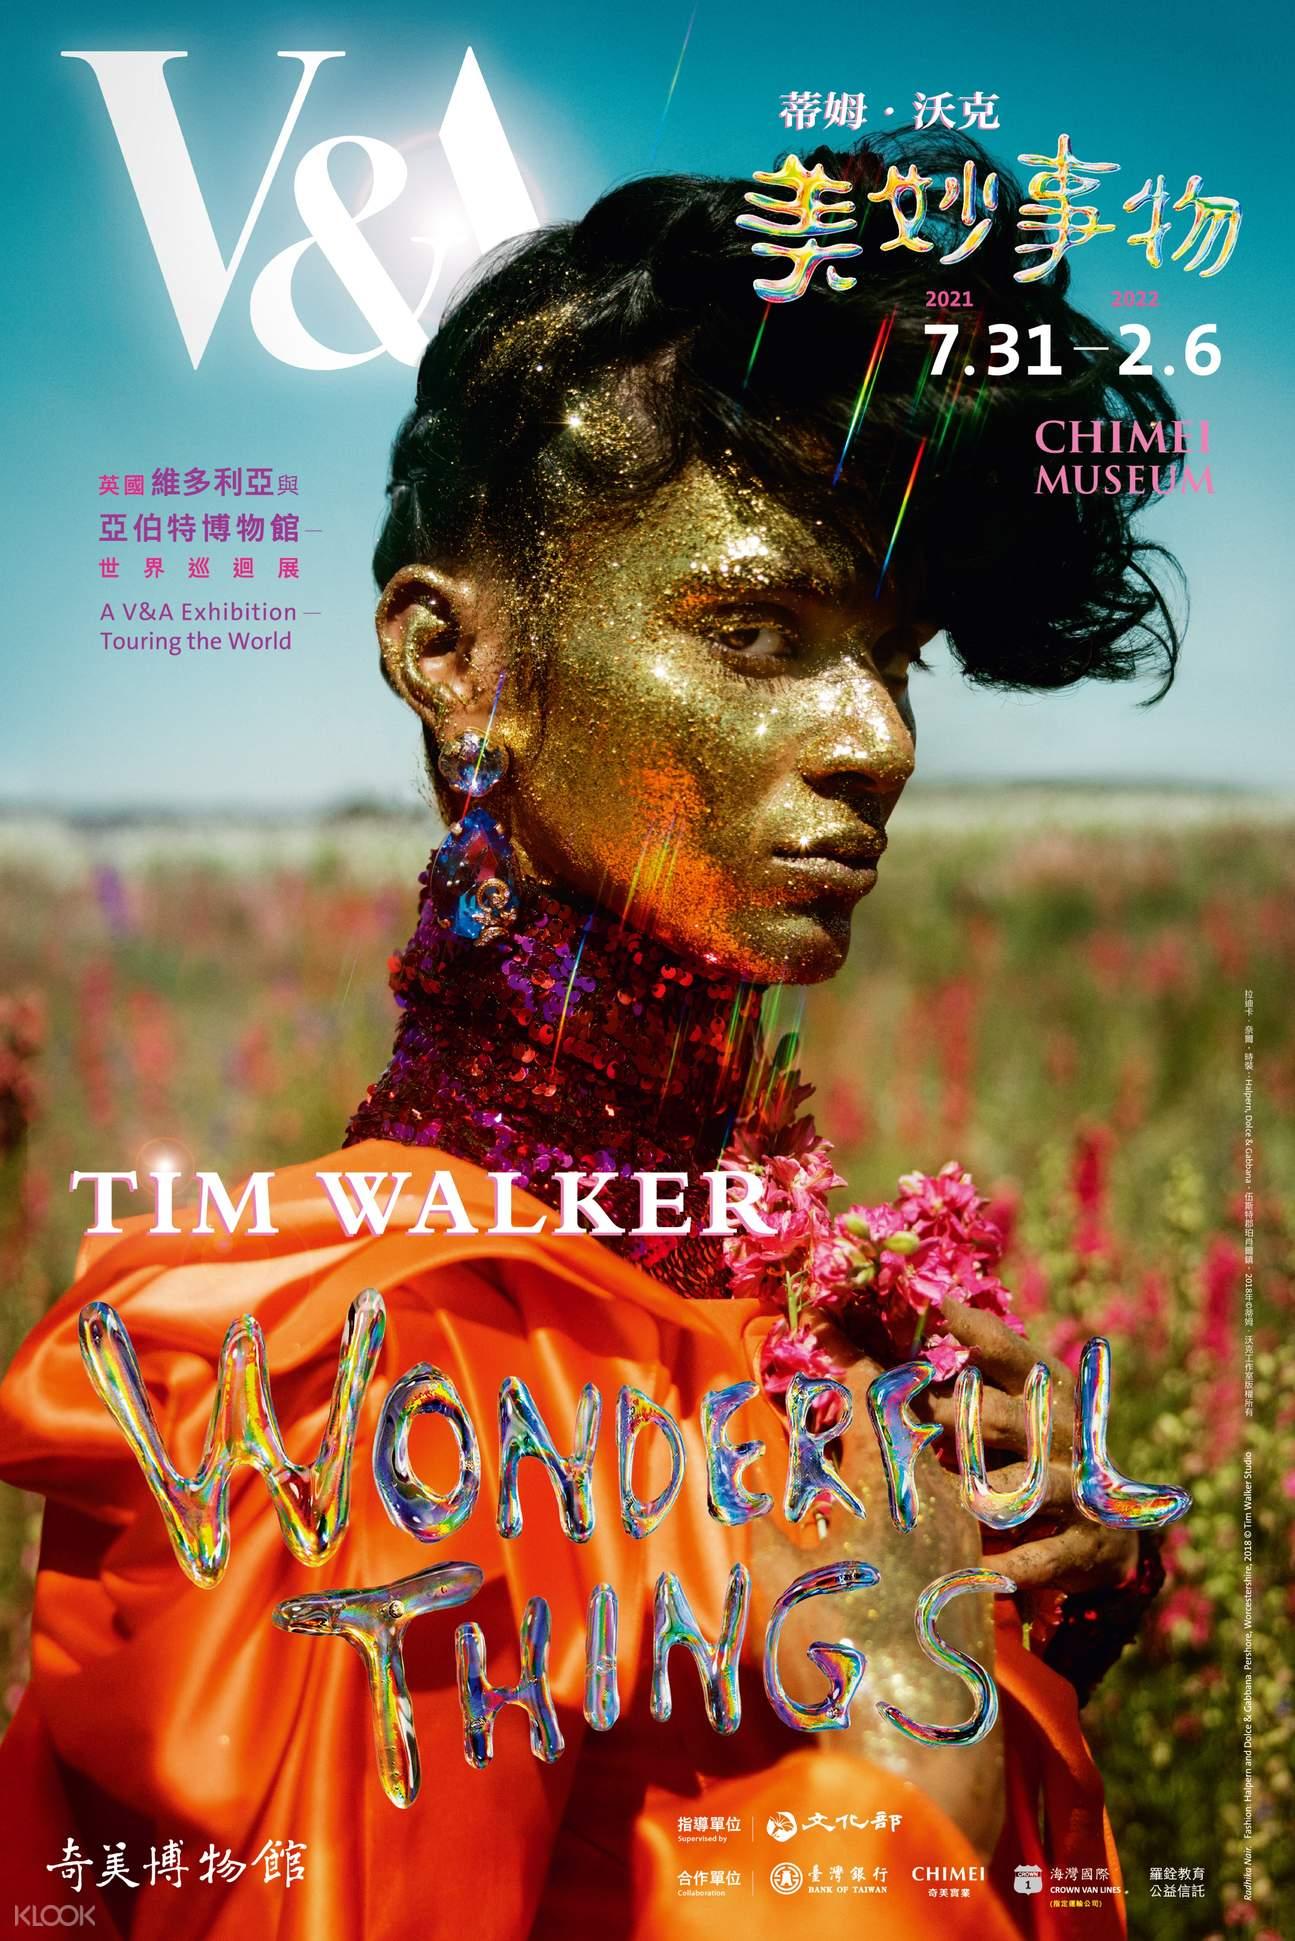 《蒂姆・沃克:美妙事物》